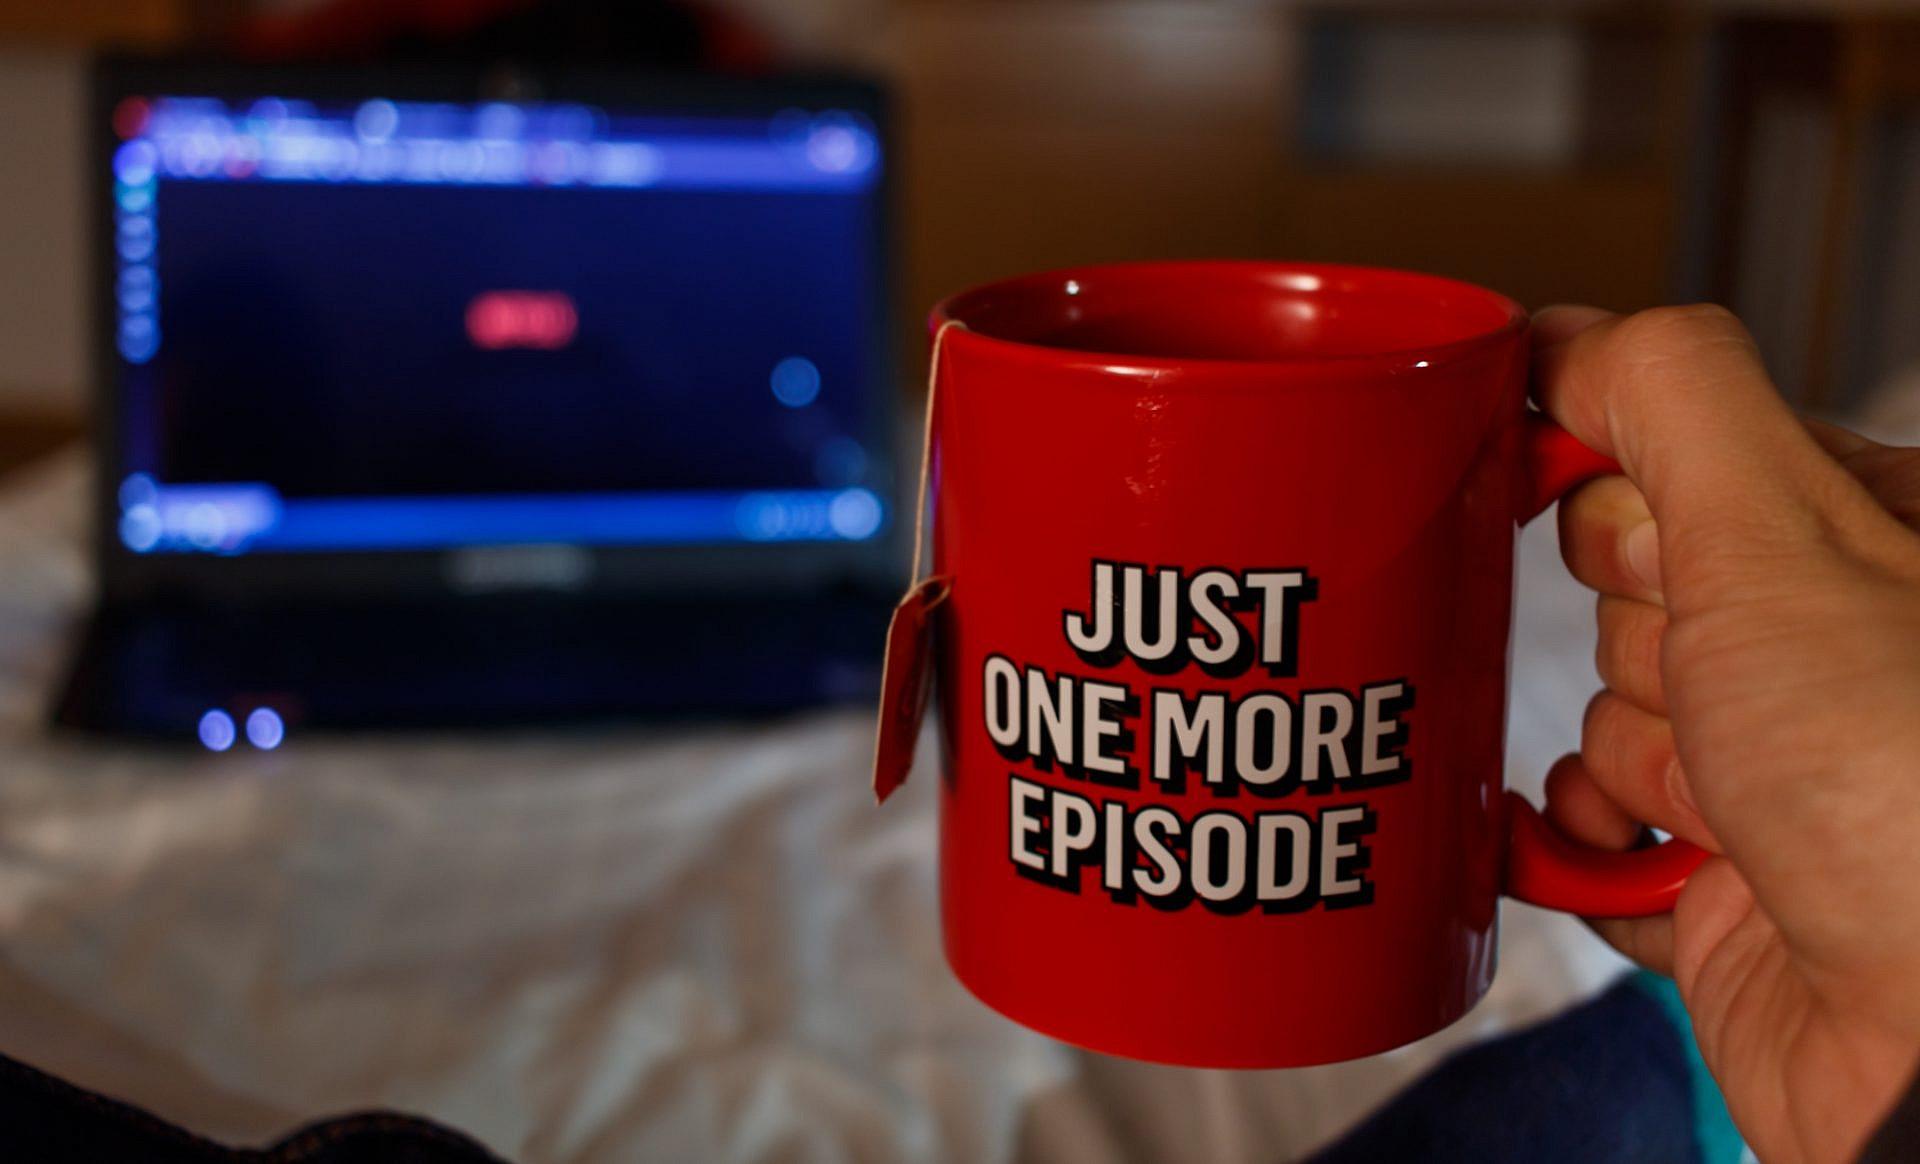 השעה היא 03:00 בבוקר. האם אתם יודעים איפה הסדרה שלכם? (צילום: שאטרסטוק)